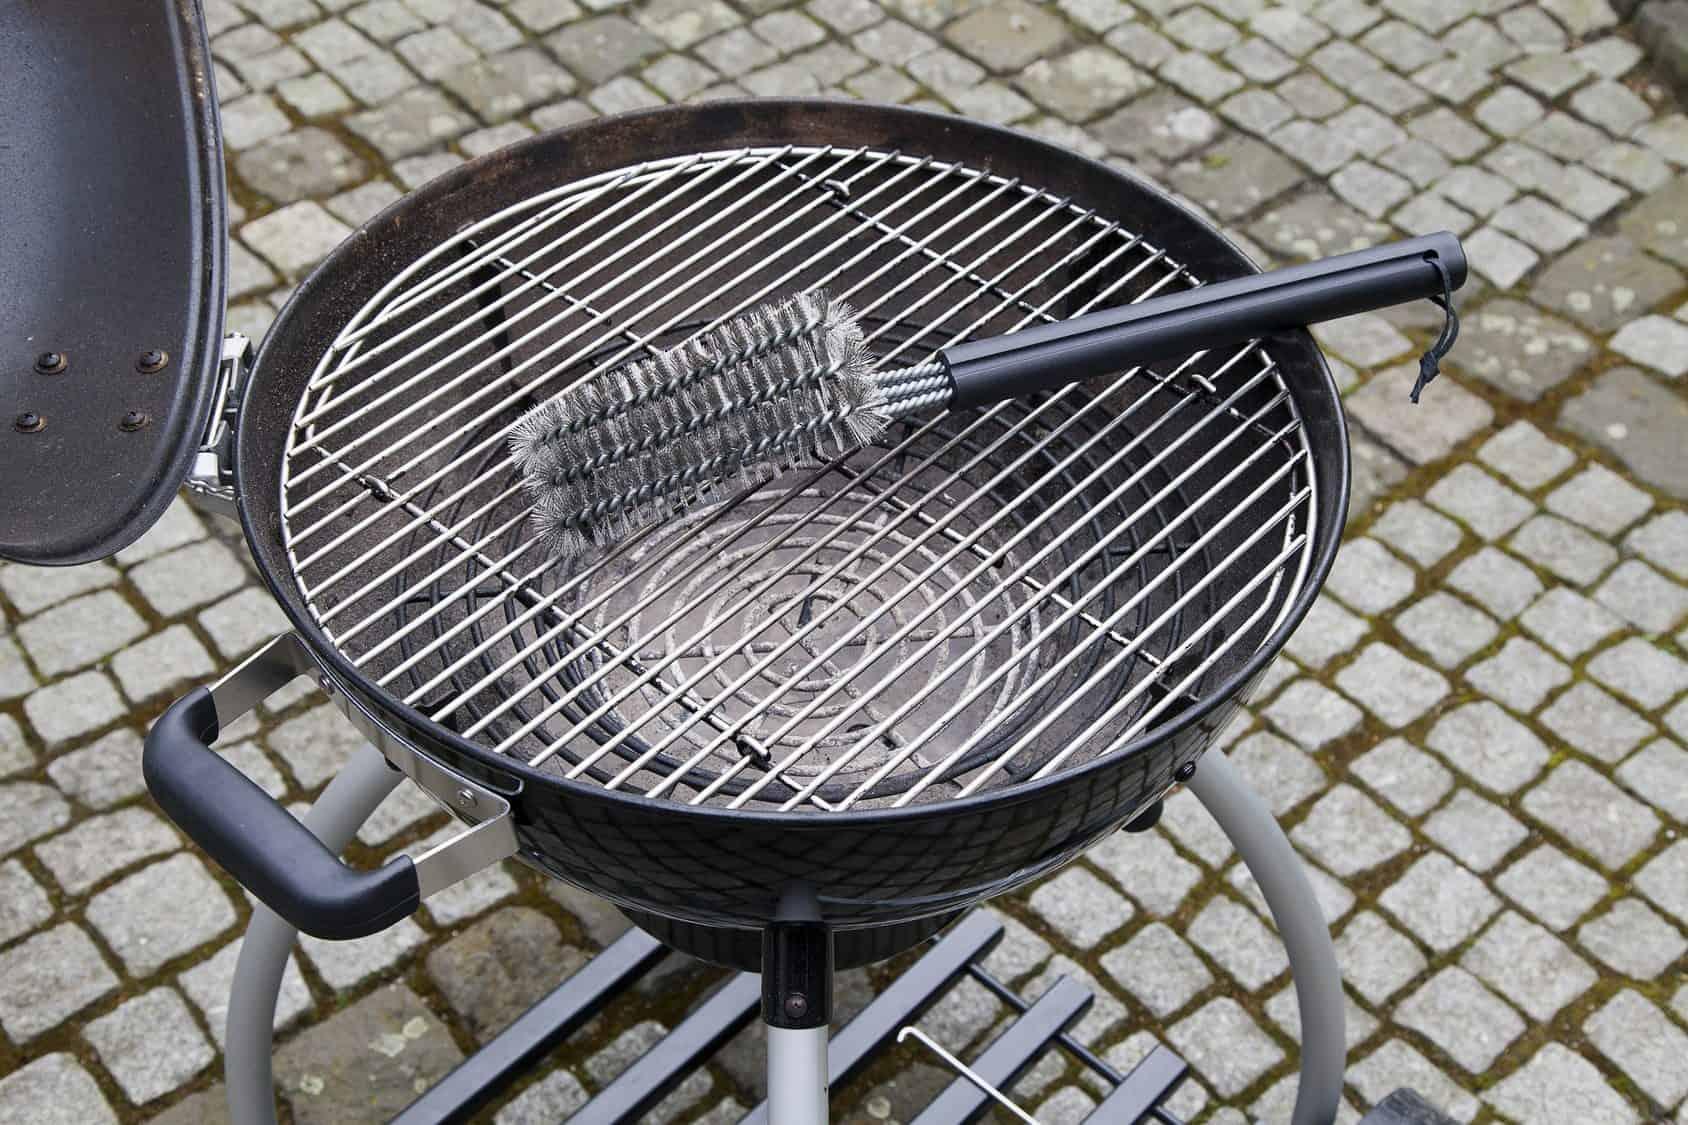 La saison des barbecues - Nettoyez simplement le gril !